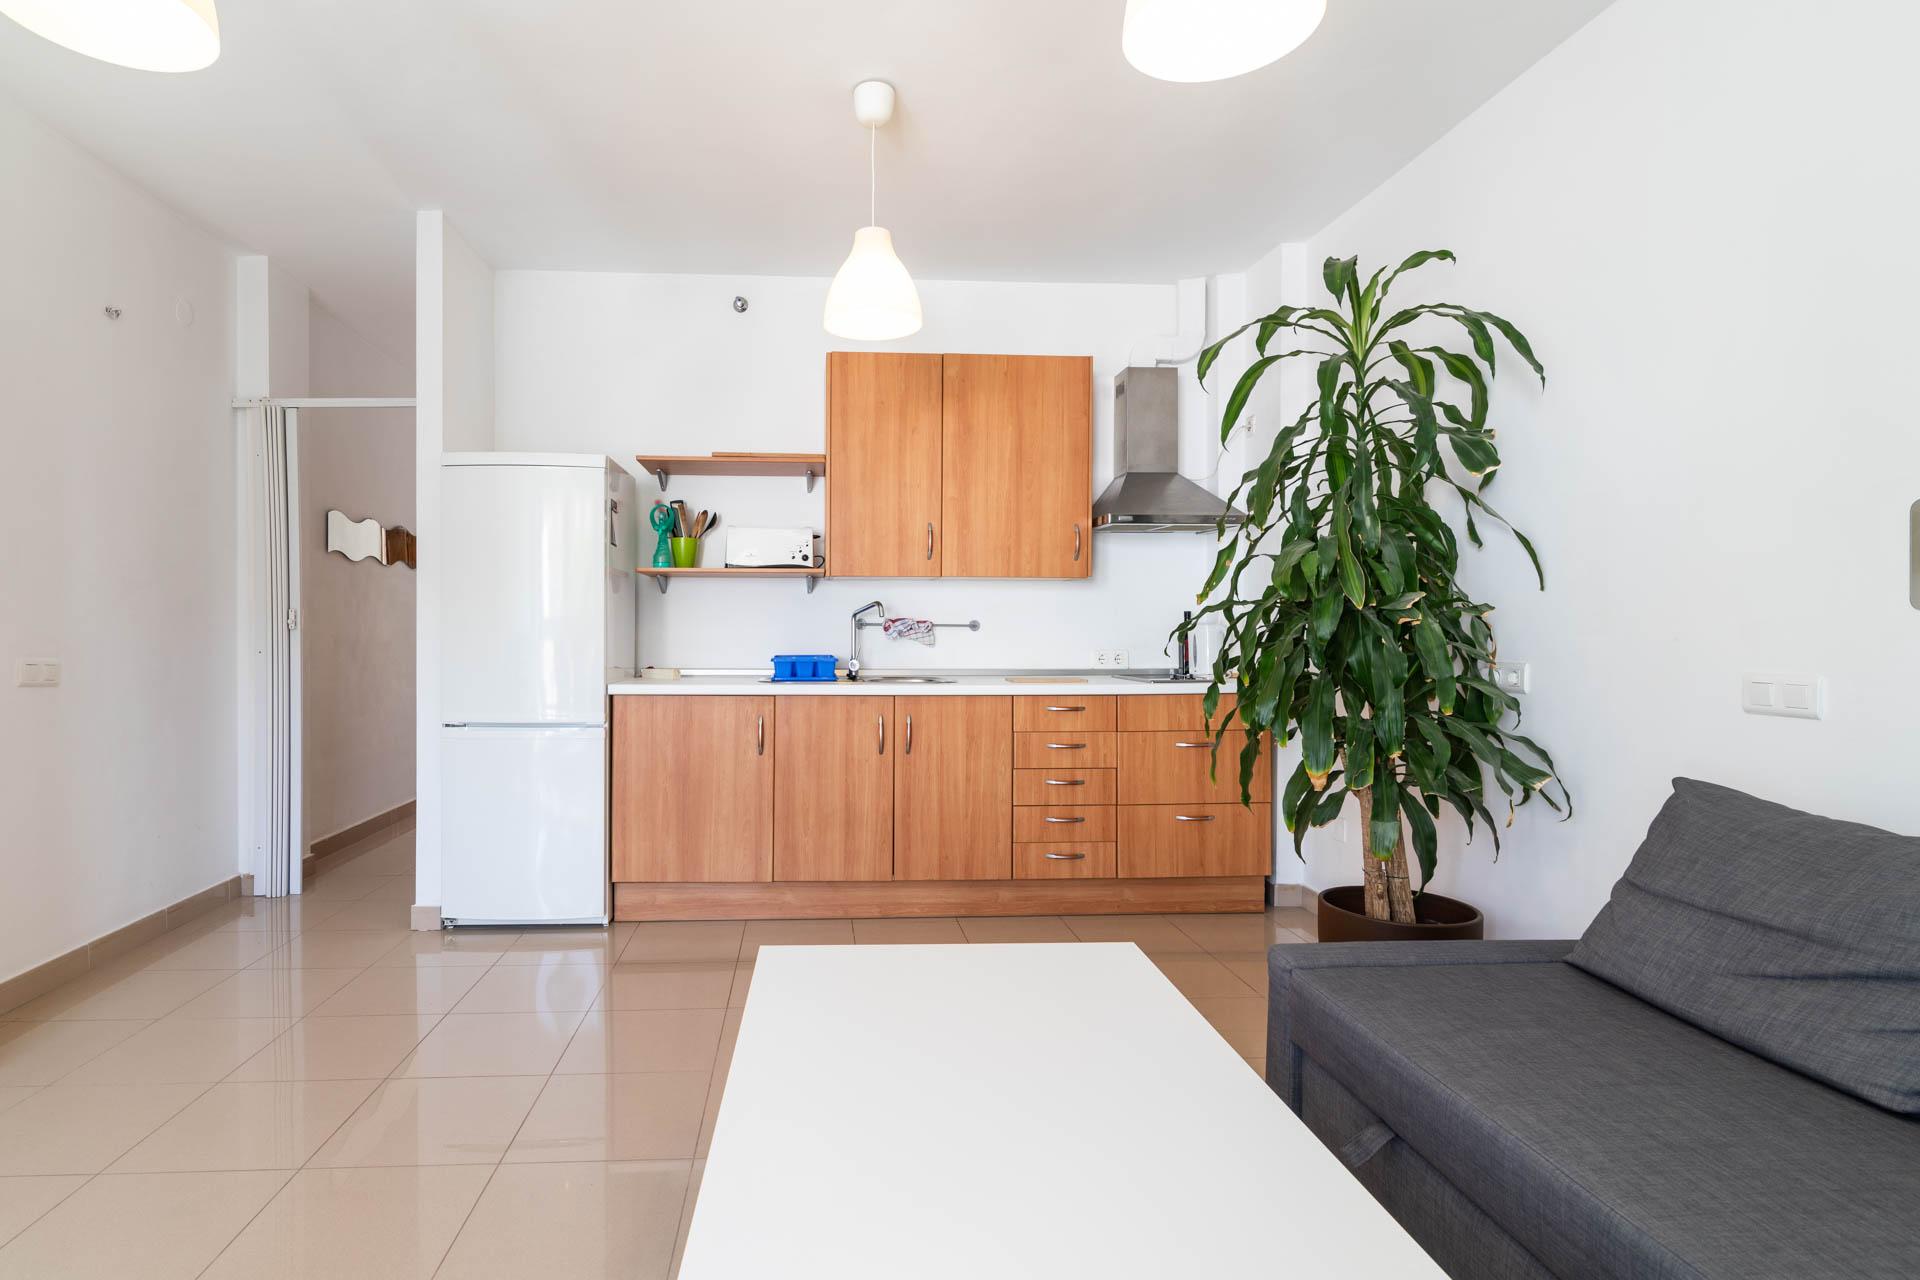 apartamento-clavel-salon-cocina